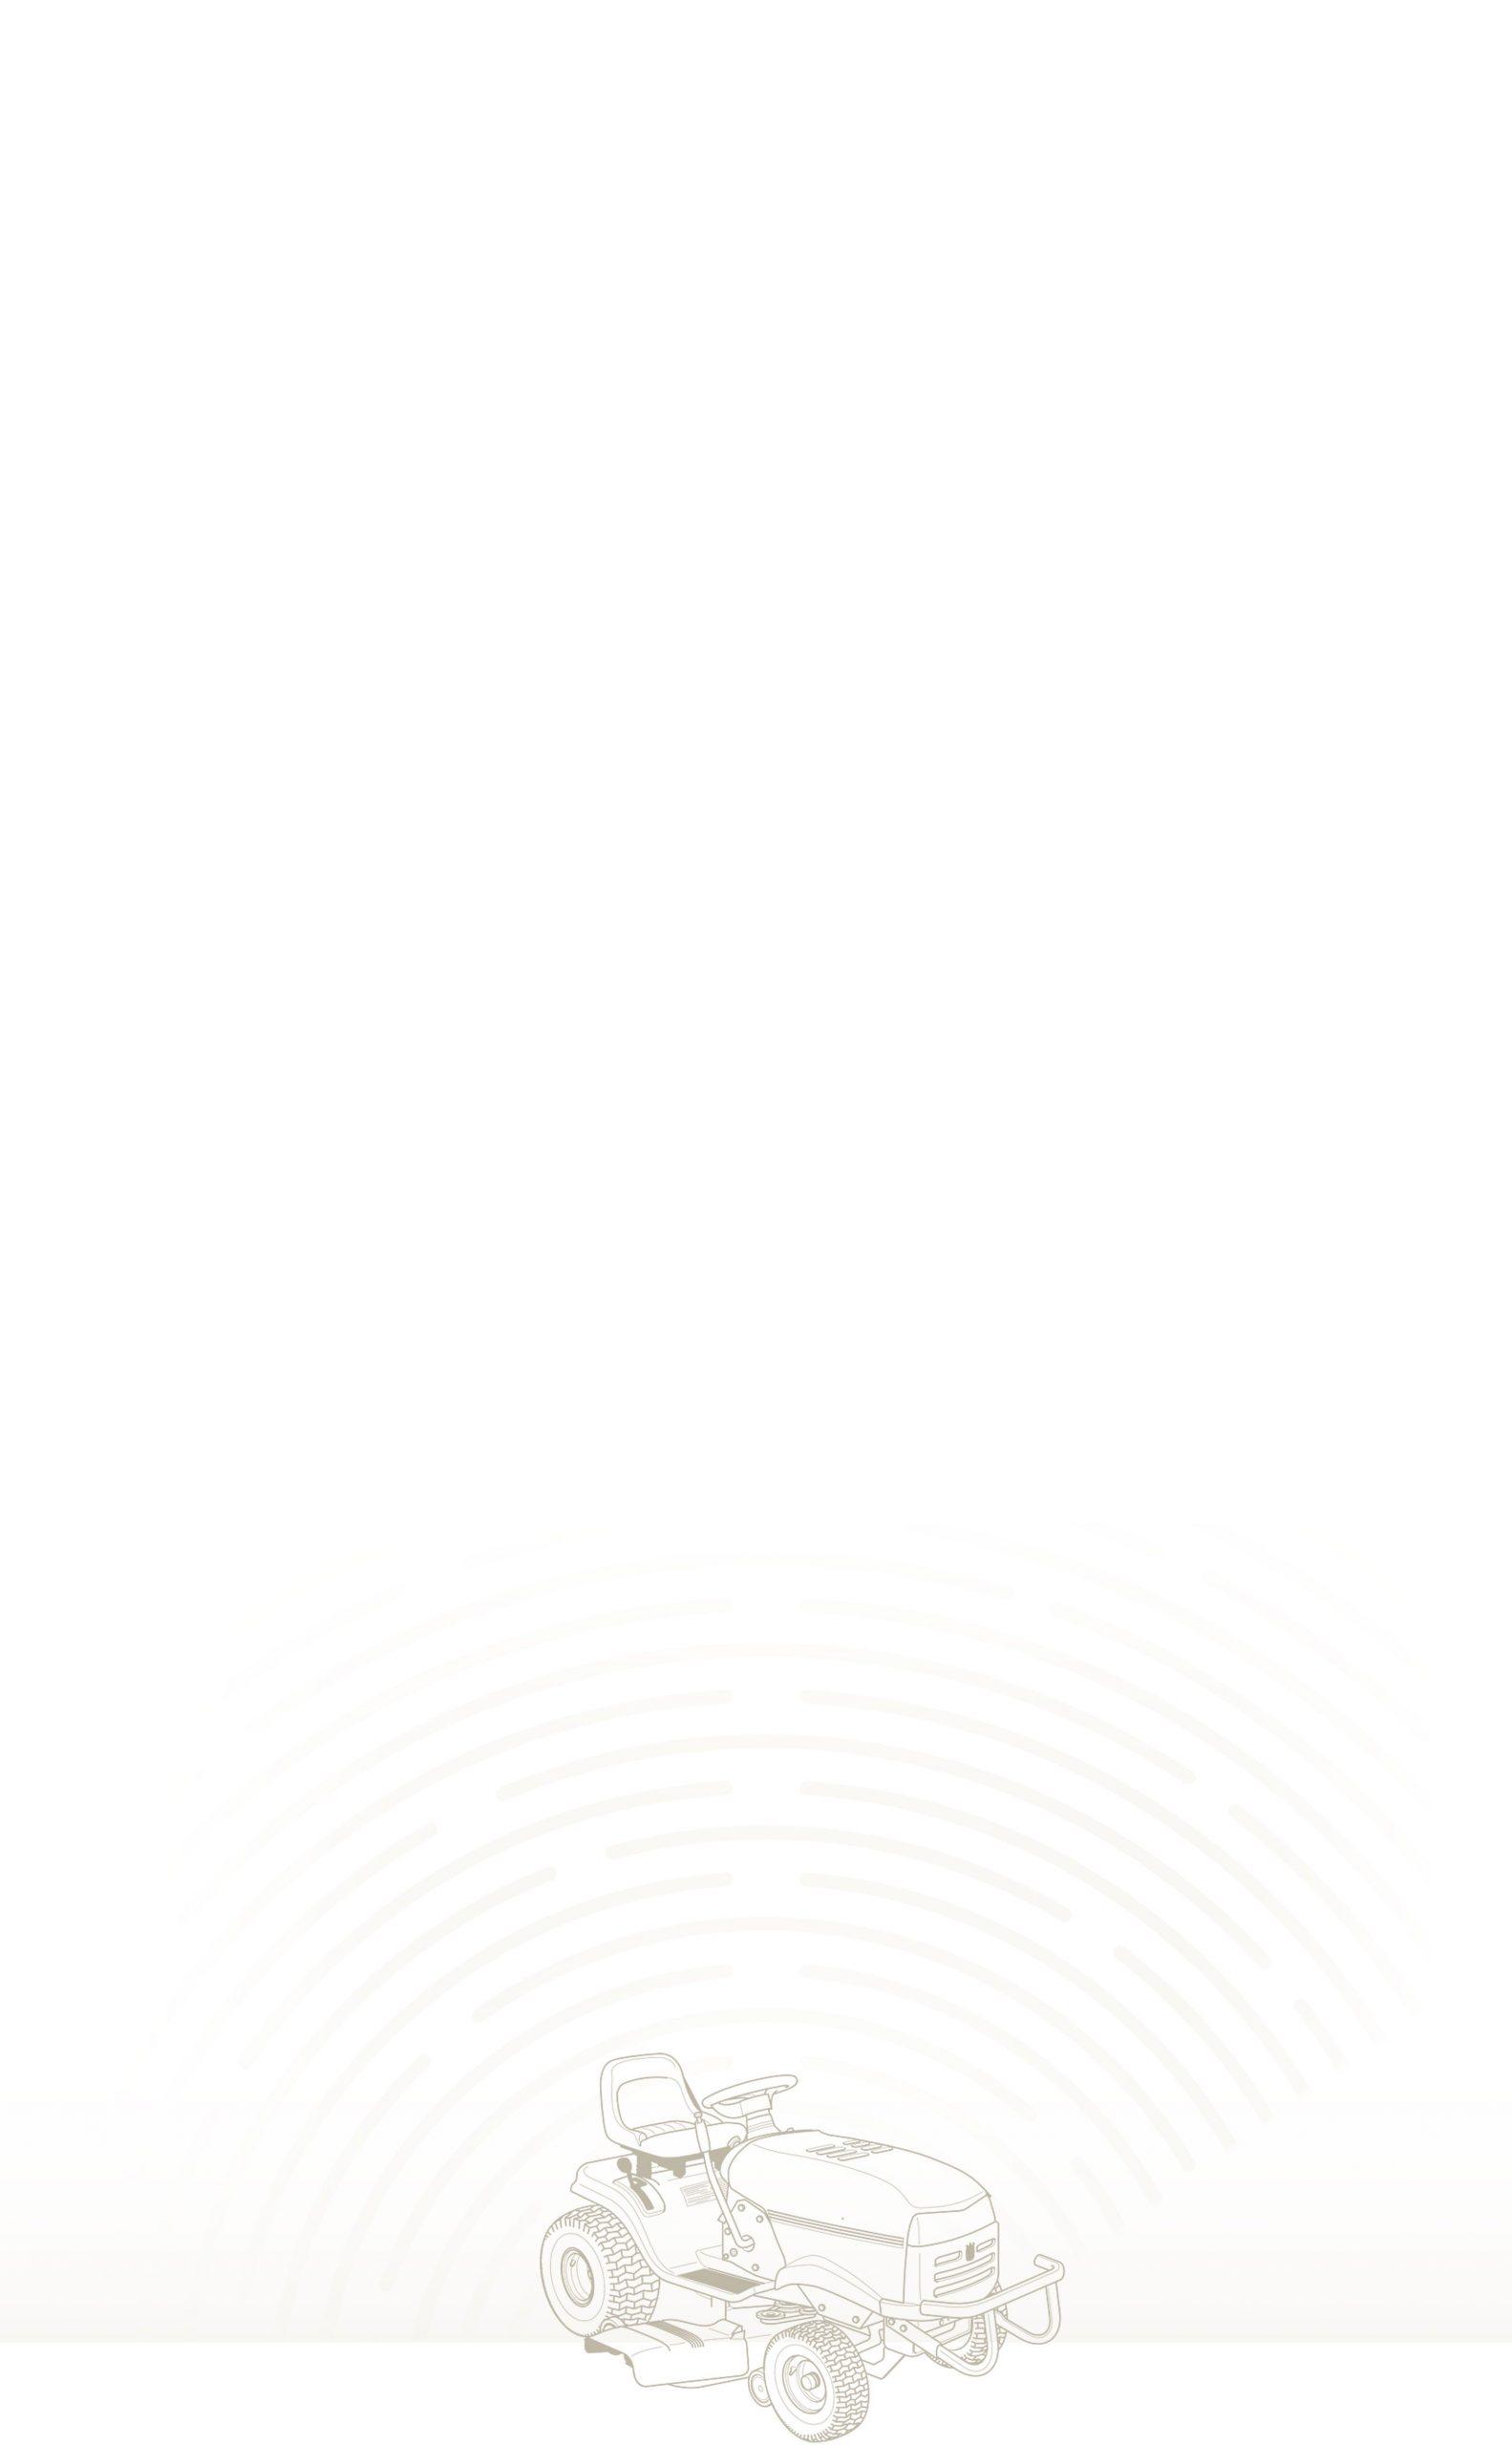 landscaper-services-background